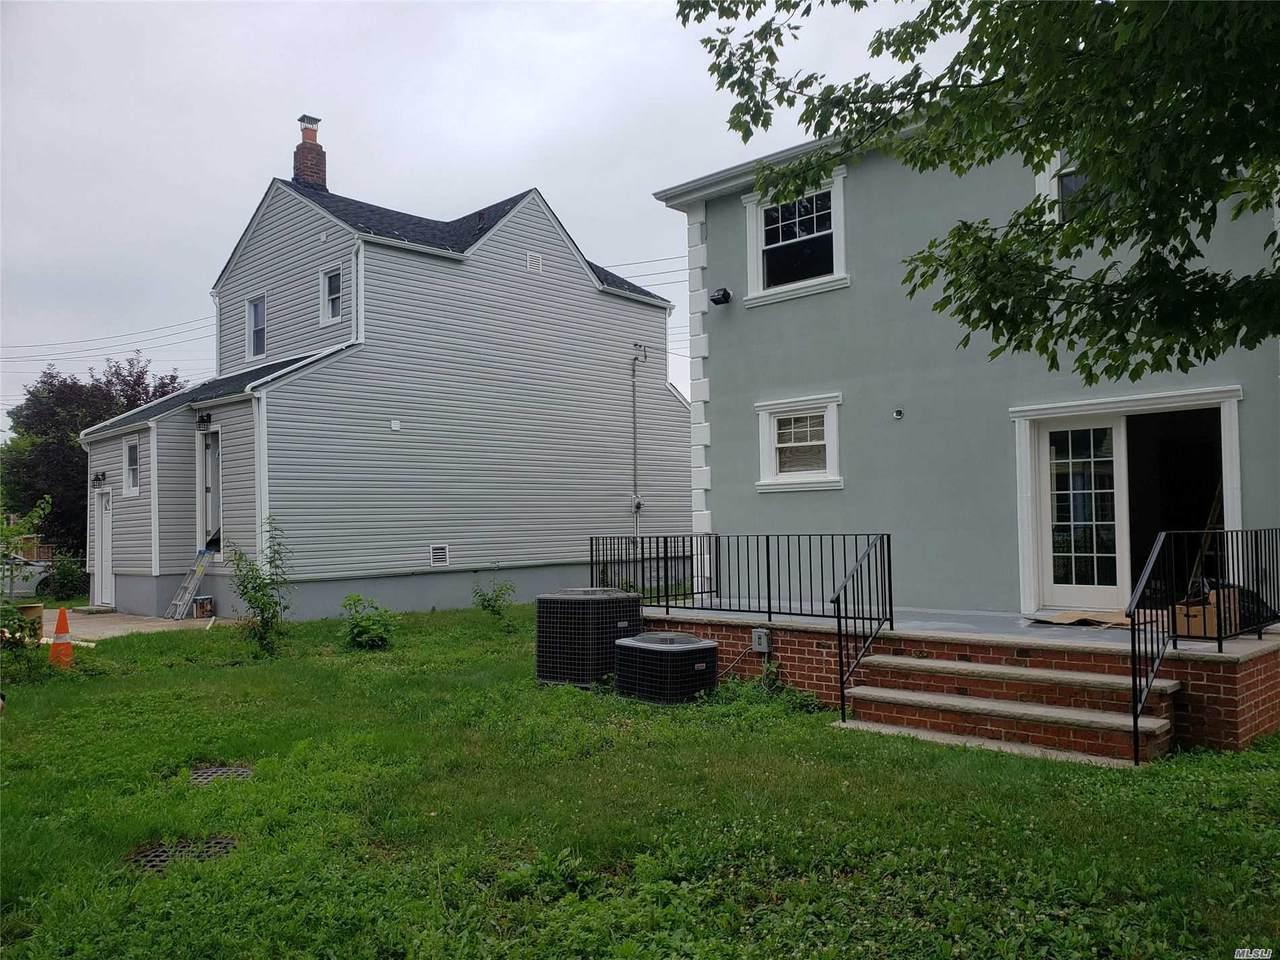 187-19 Williamson Avenue - Photo 1